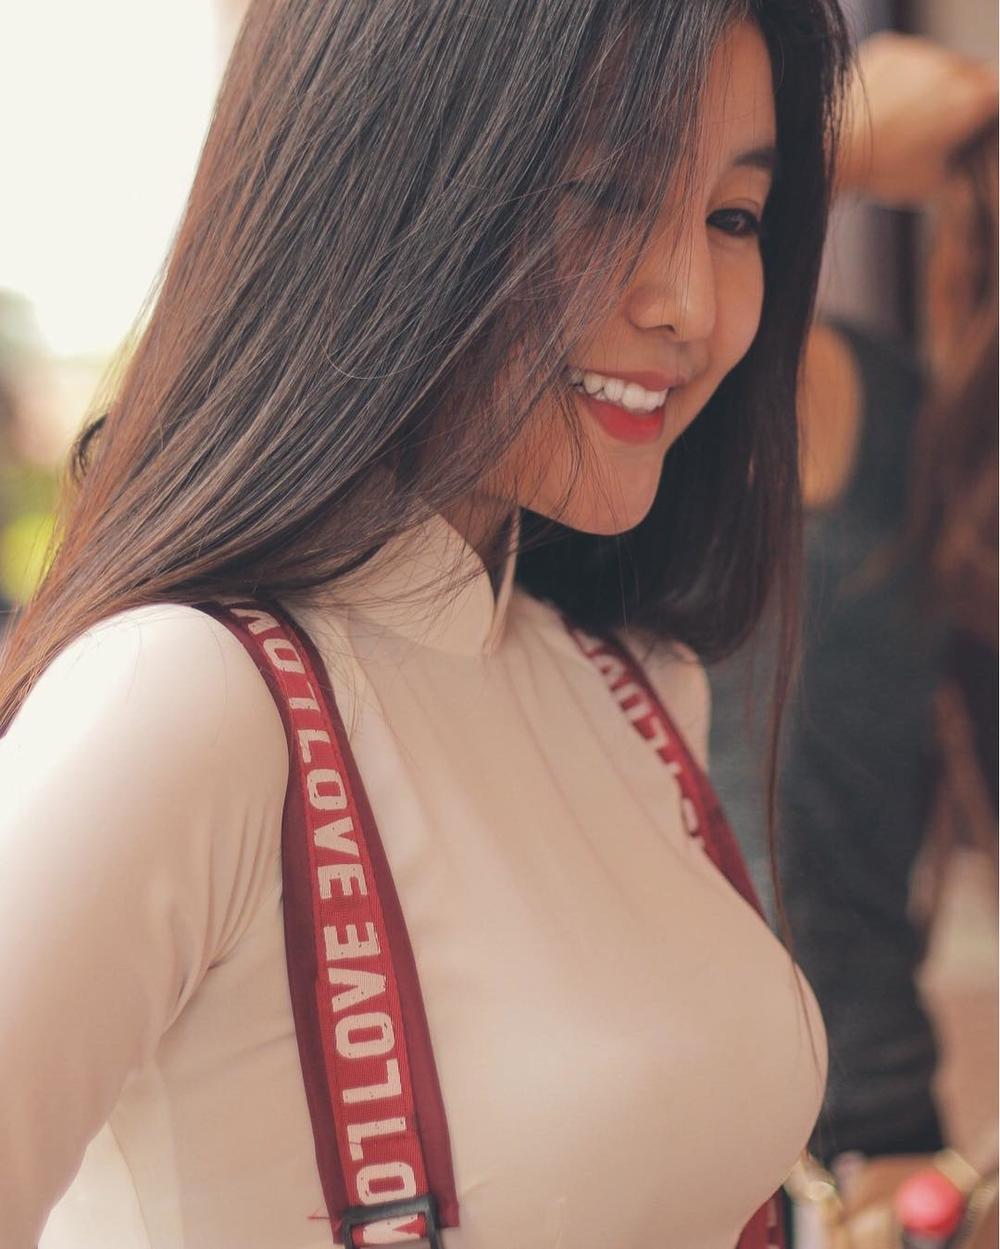 """Võ Ngọc Trân, 16 tuổi, học sinh trường THPT Bình Hưng Hòa, TP.HCM. Trang cá nhân của cô đang thu hút gần 80.000 người theo dõi. Không chỉ sở hữu nhan sắc """"vạn người mê"""", cô nữ sinh 10xnày còn chiếm trọn mọi ánh nhìnvới vòng 1 đầy đặn trông thấy."""